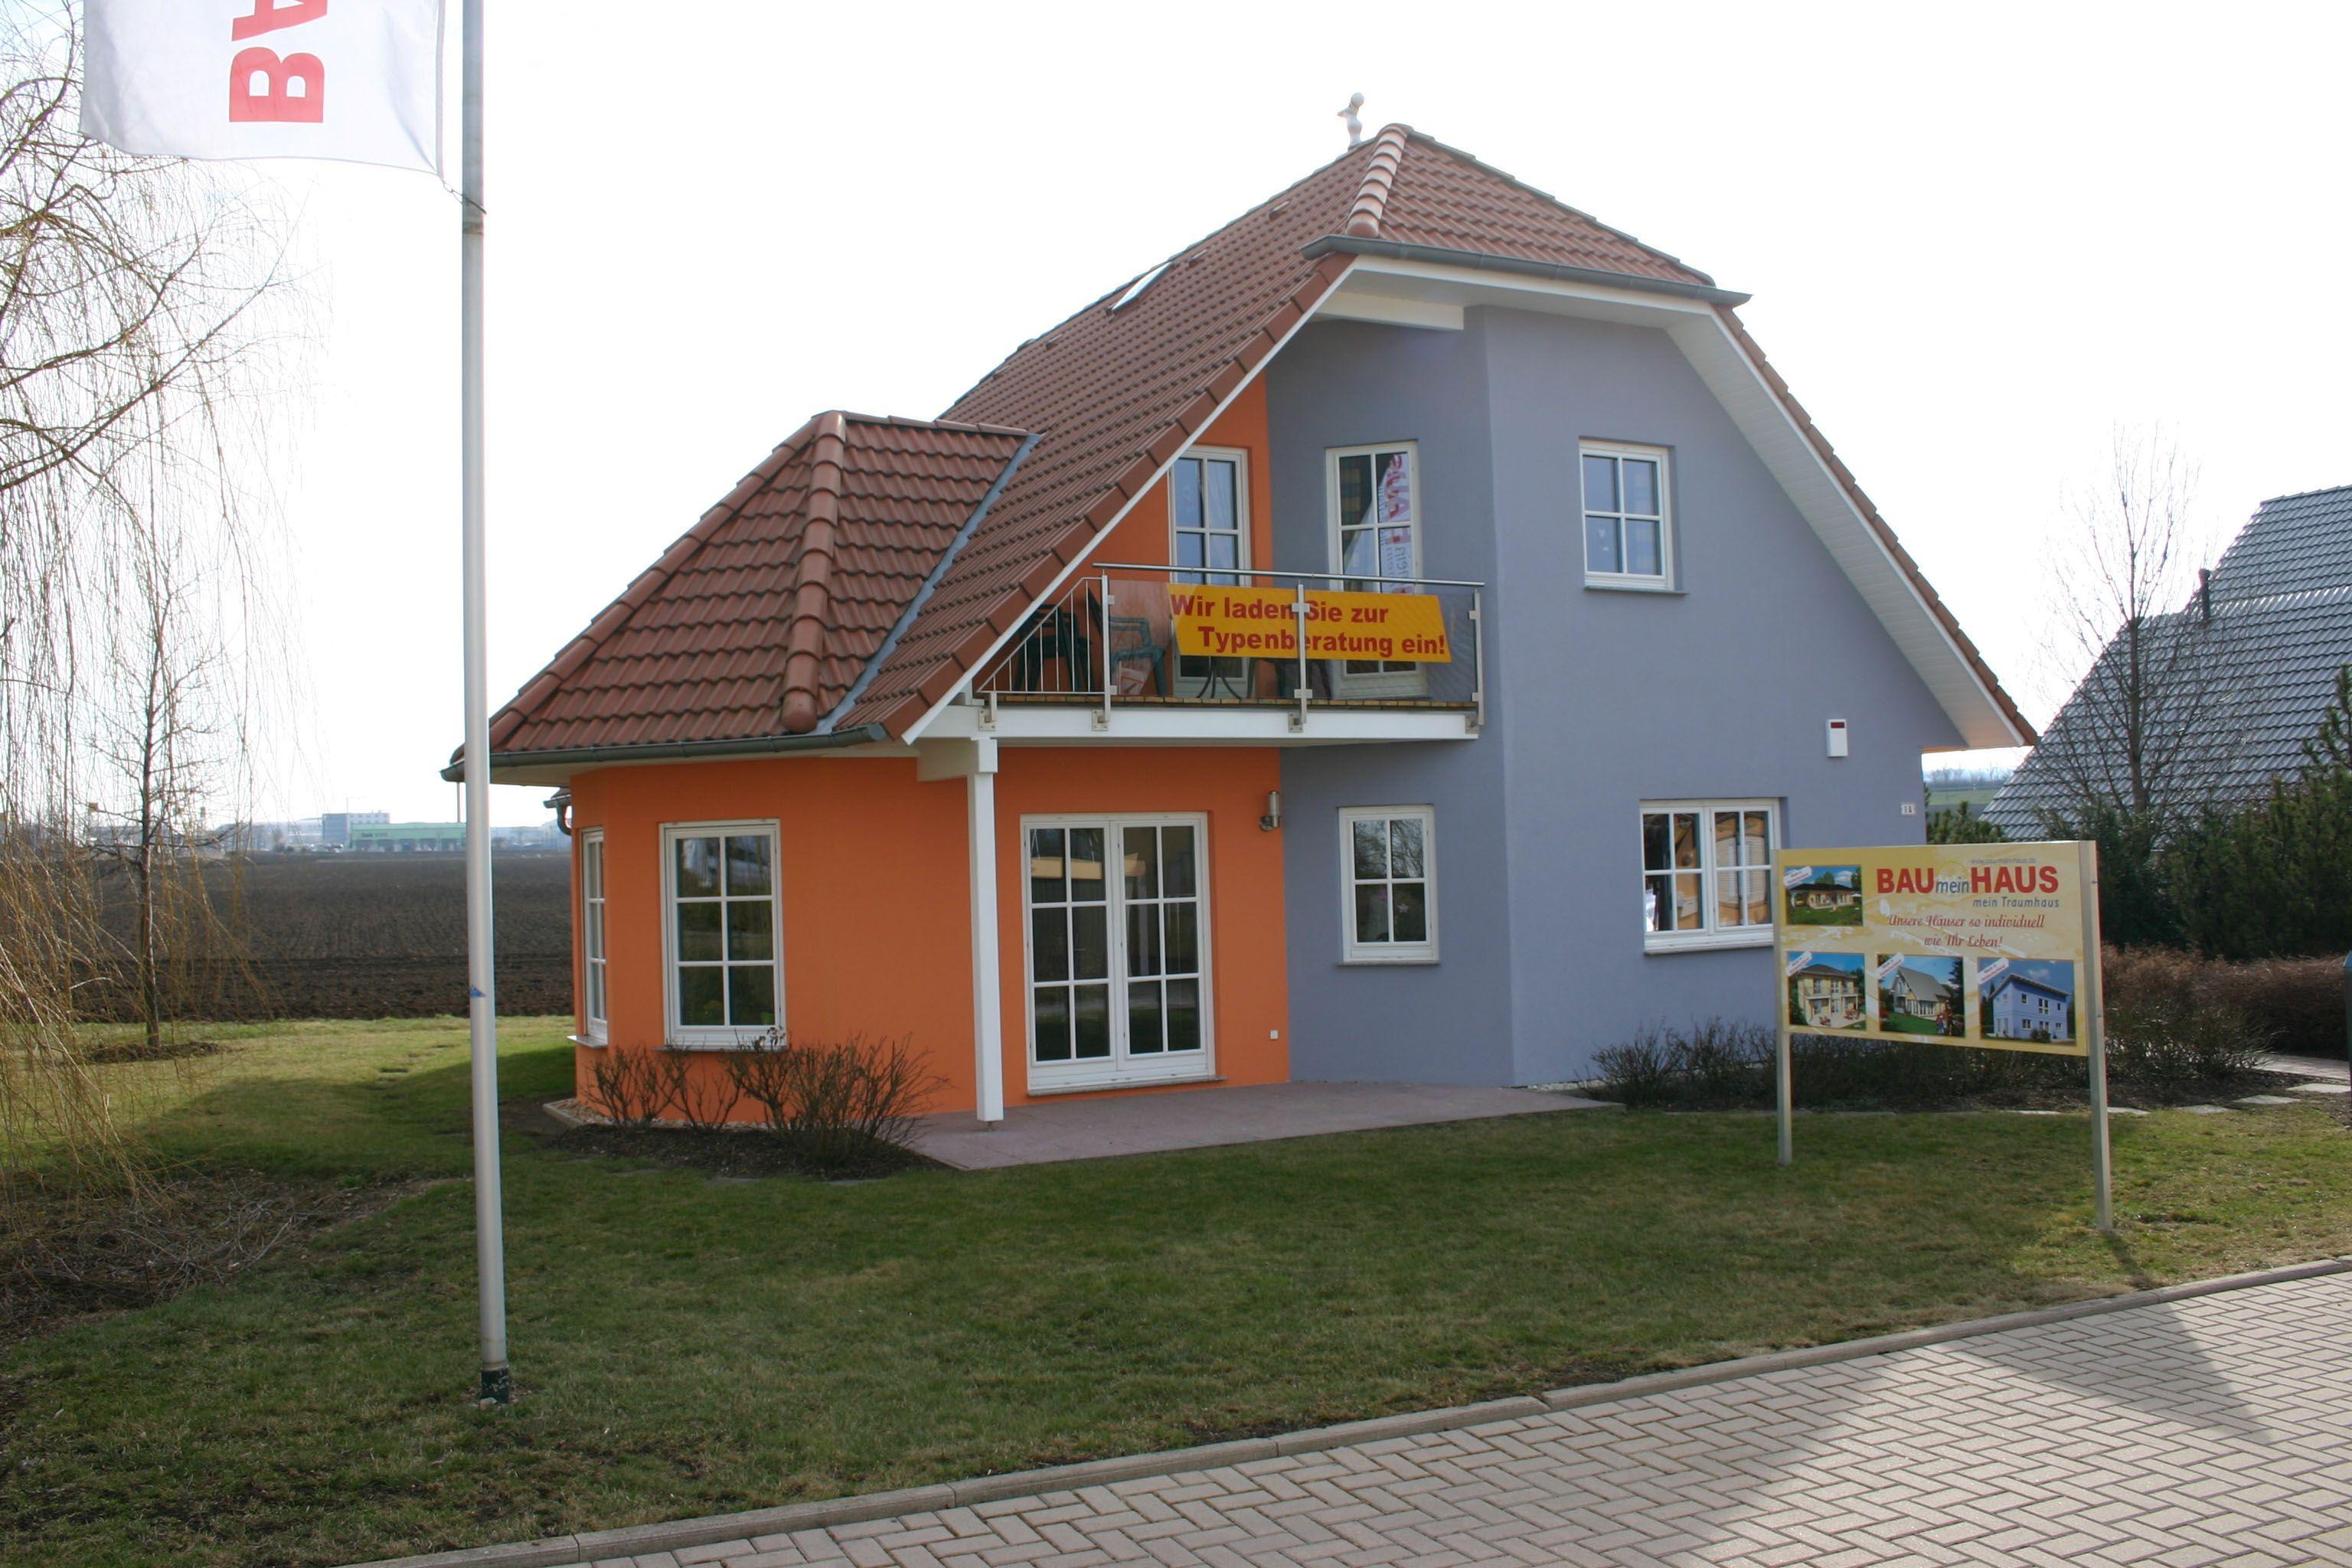 http://www.unger-park.de/musterhaus-ausstellungen/erfurt/galerie ...